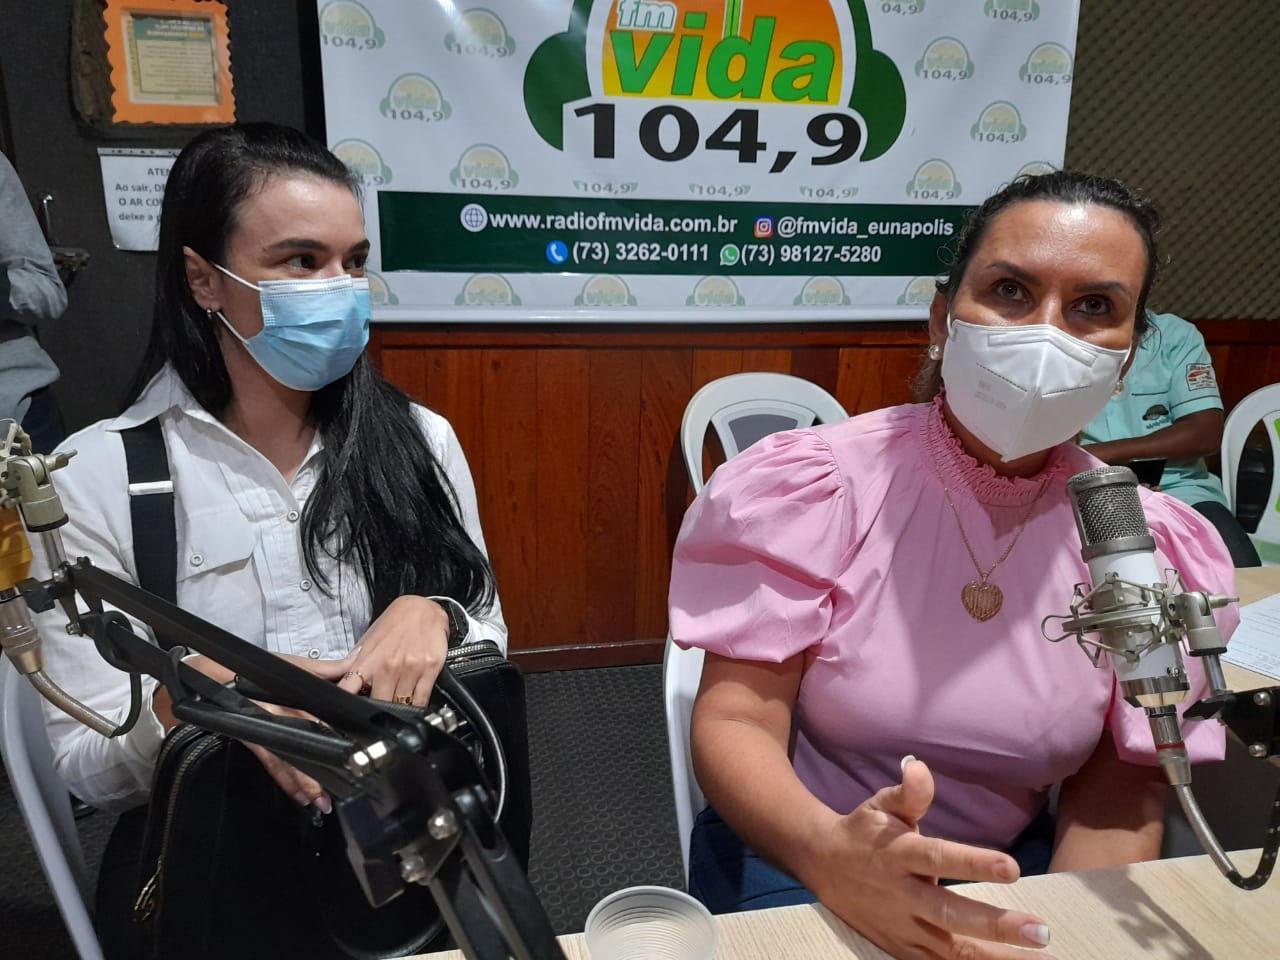 Prefeita Cordélia e secretária de saúde Anara Sartório em entrevista à Rádio FM Vida